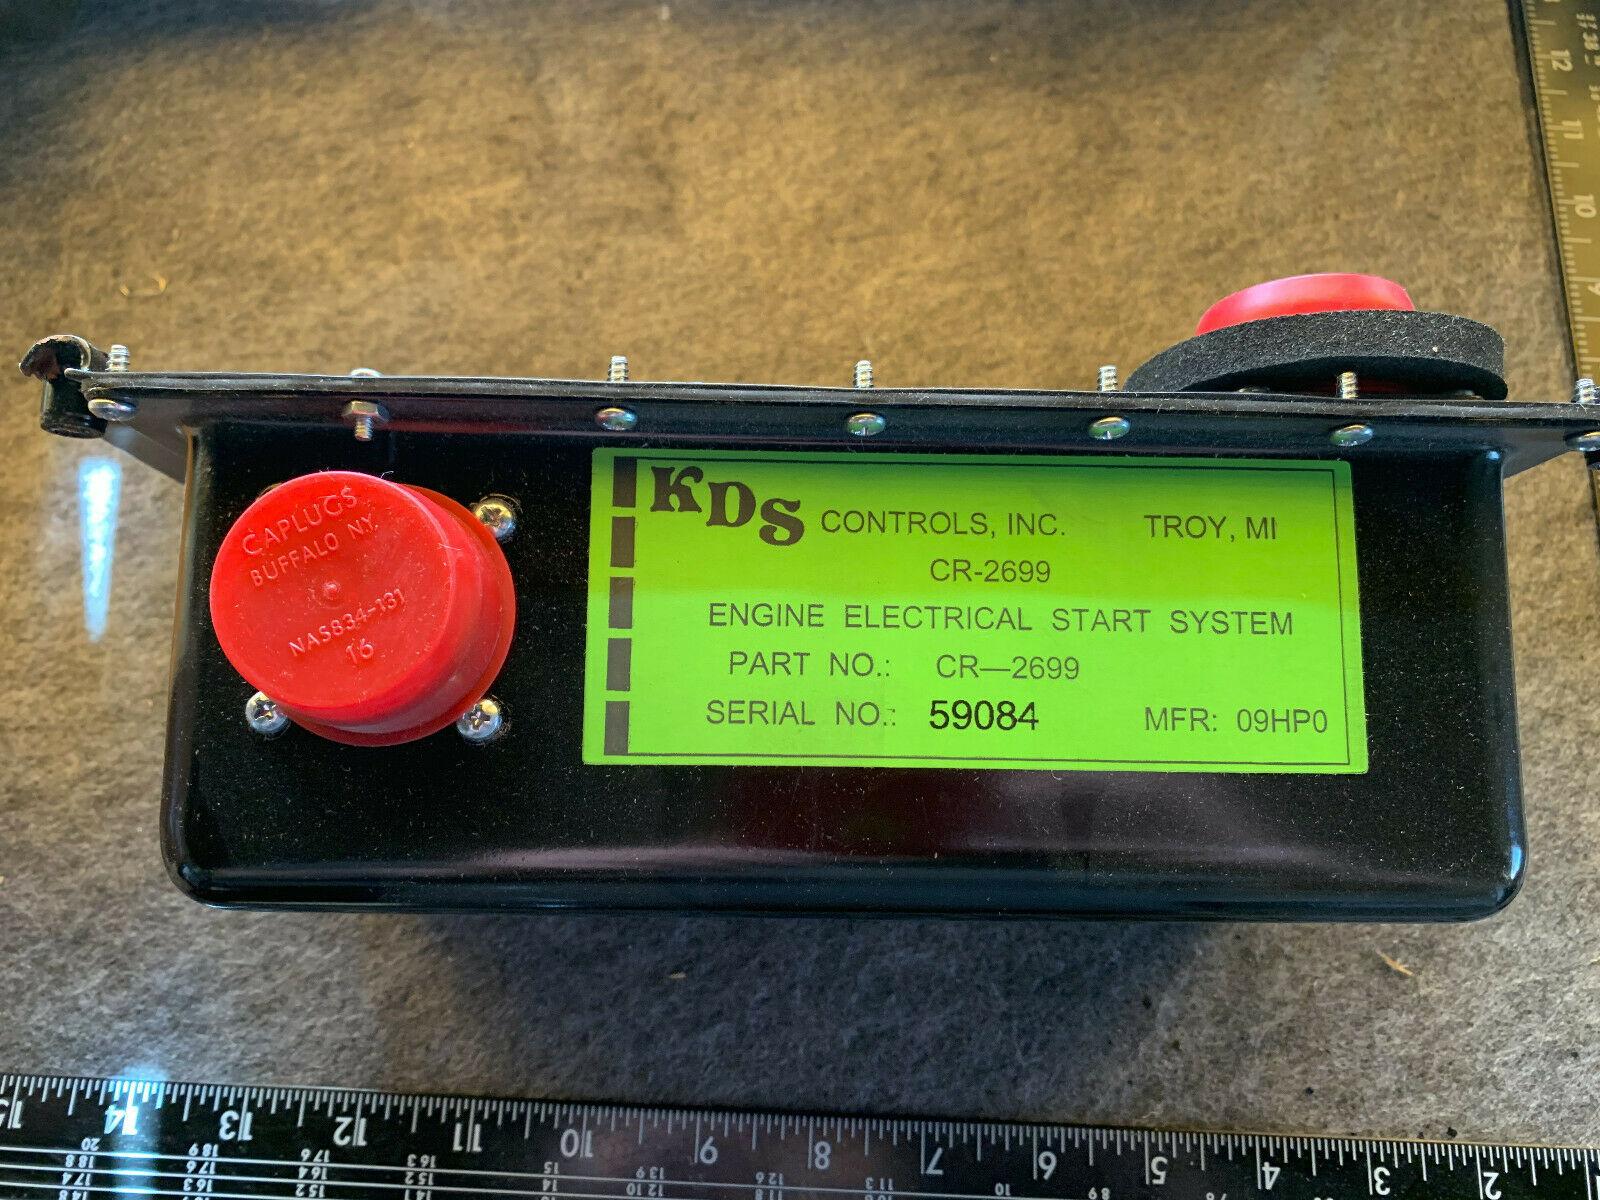 New HMMWV KDS CR2699 engine electrical smart start system 6110-01-491-2142